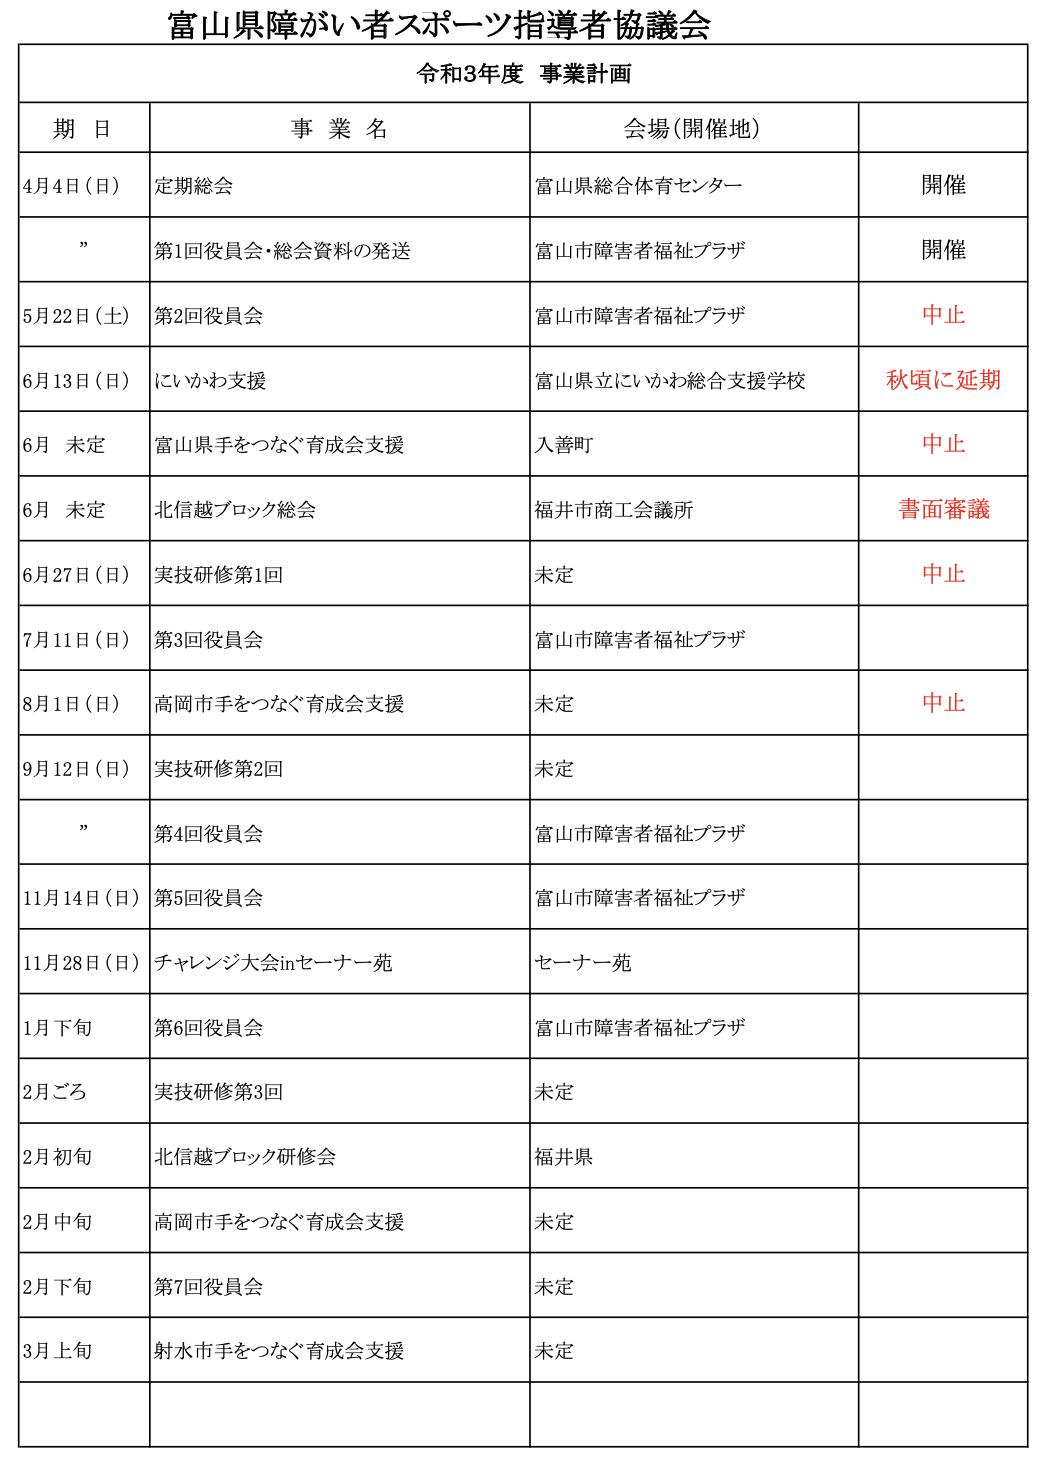 【重要】令和三年度事業計画の変更について(中止・延期)